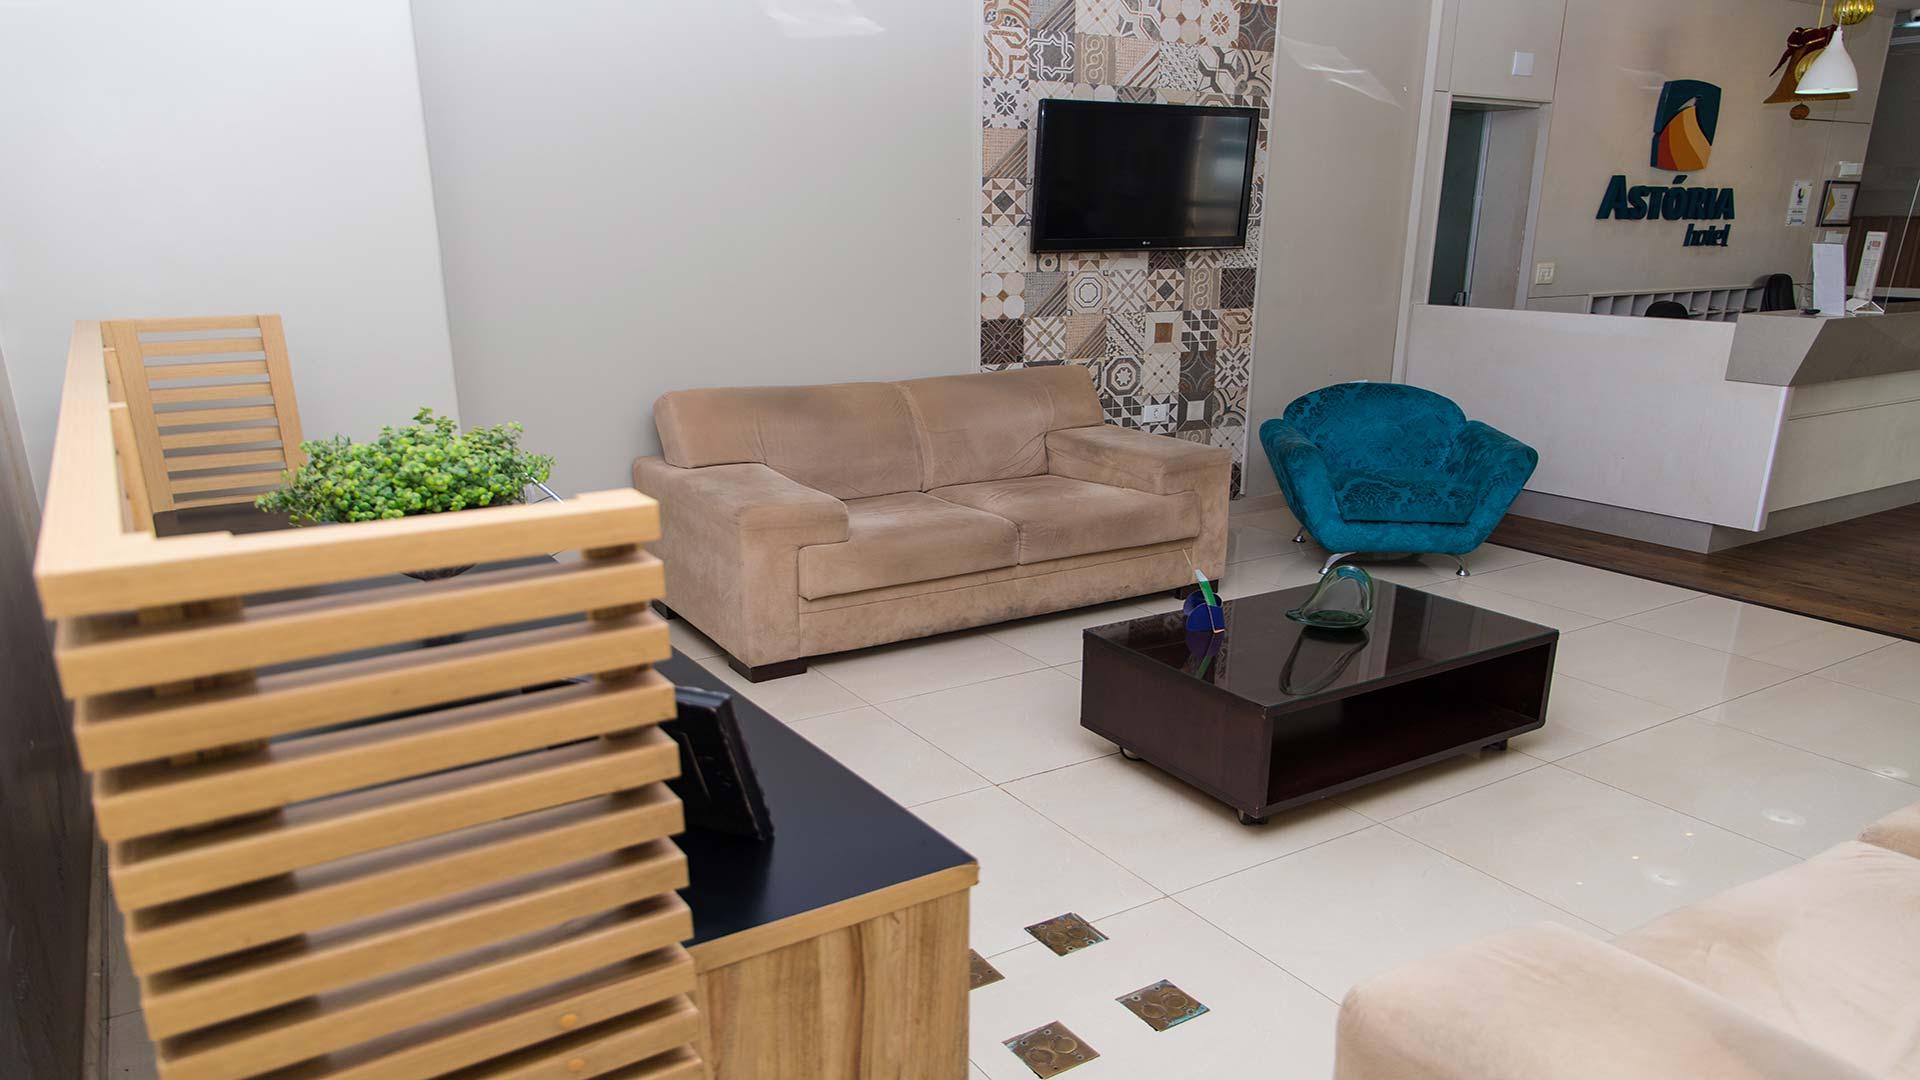 Hotel Astoria melhor hotel em Maringa 204